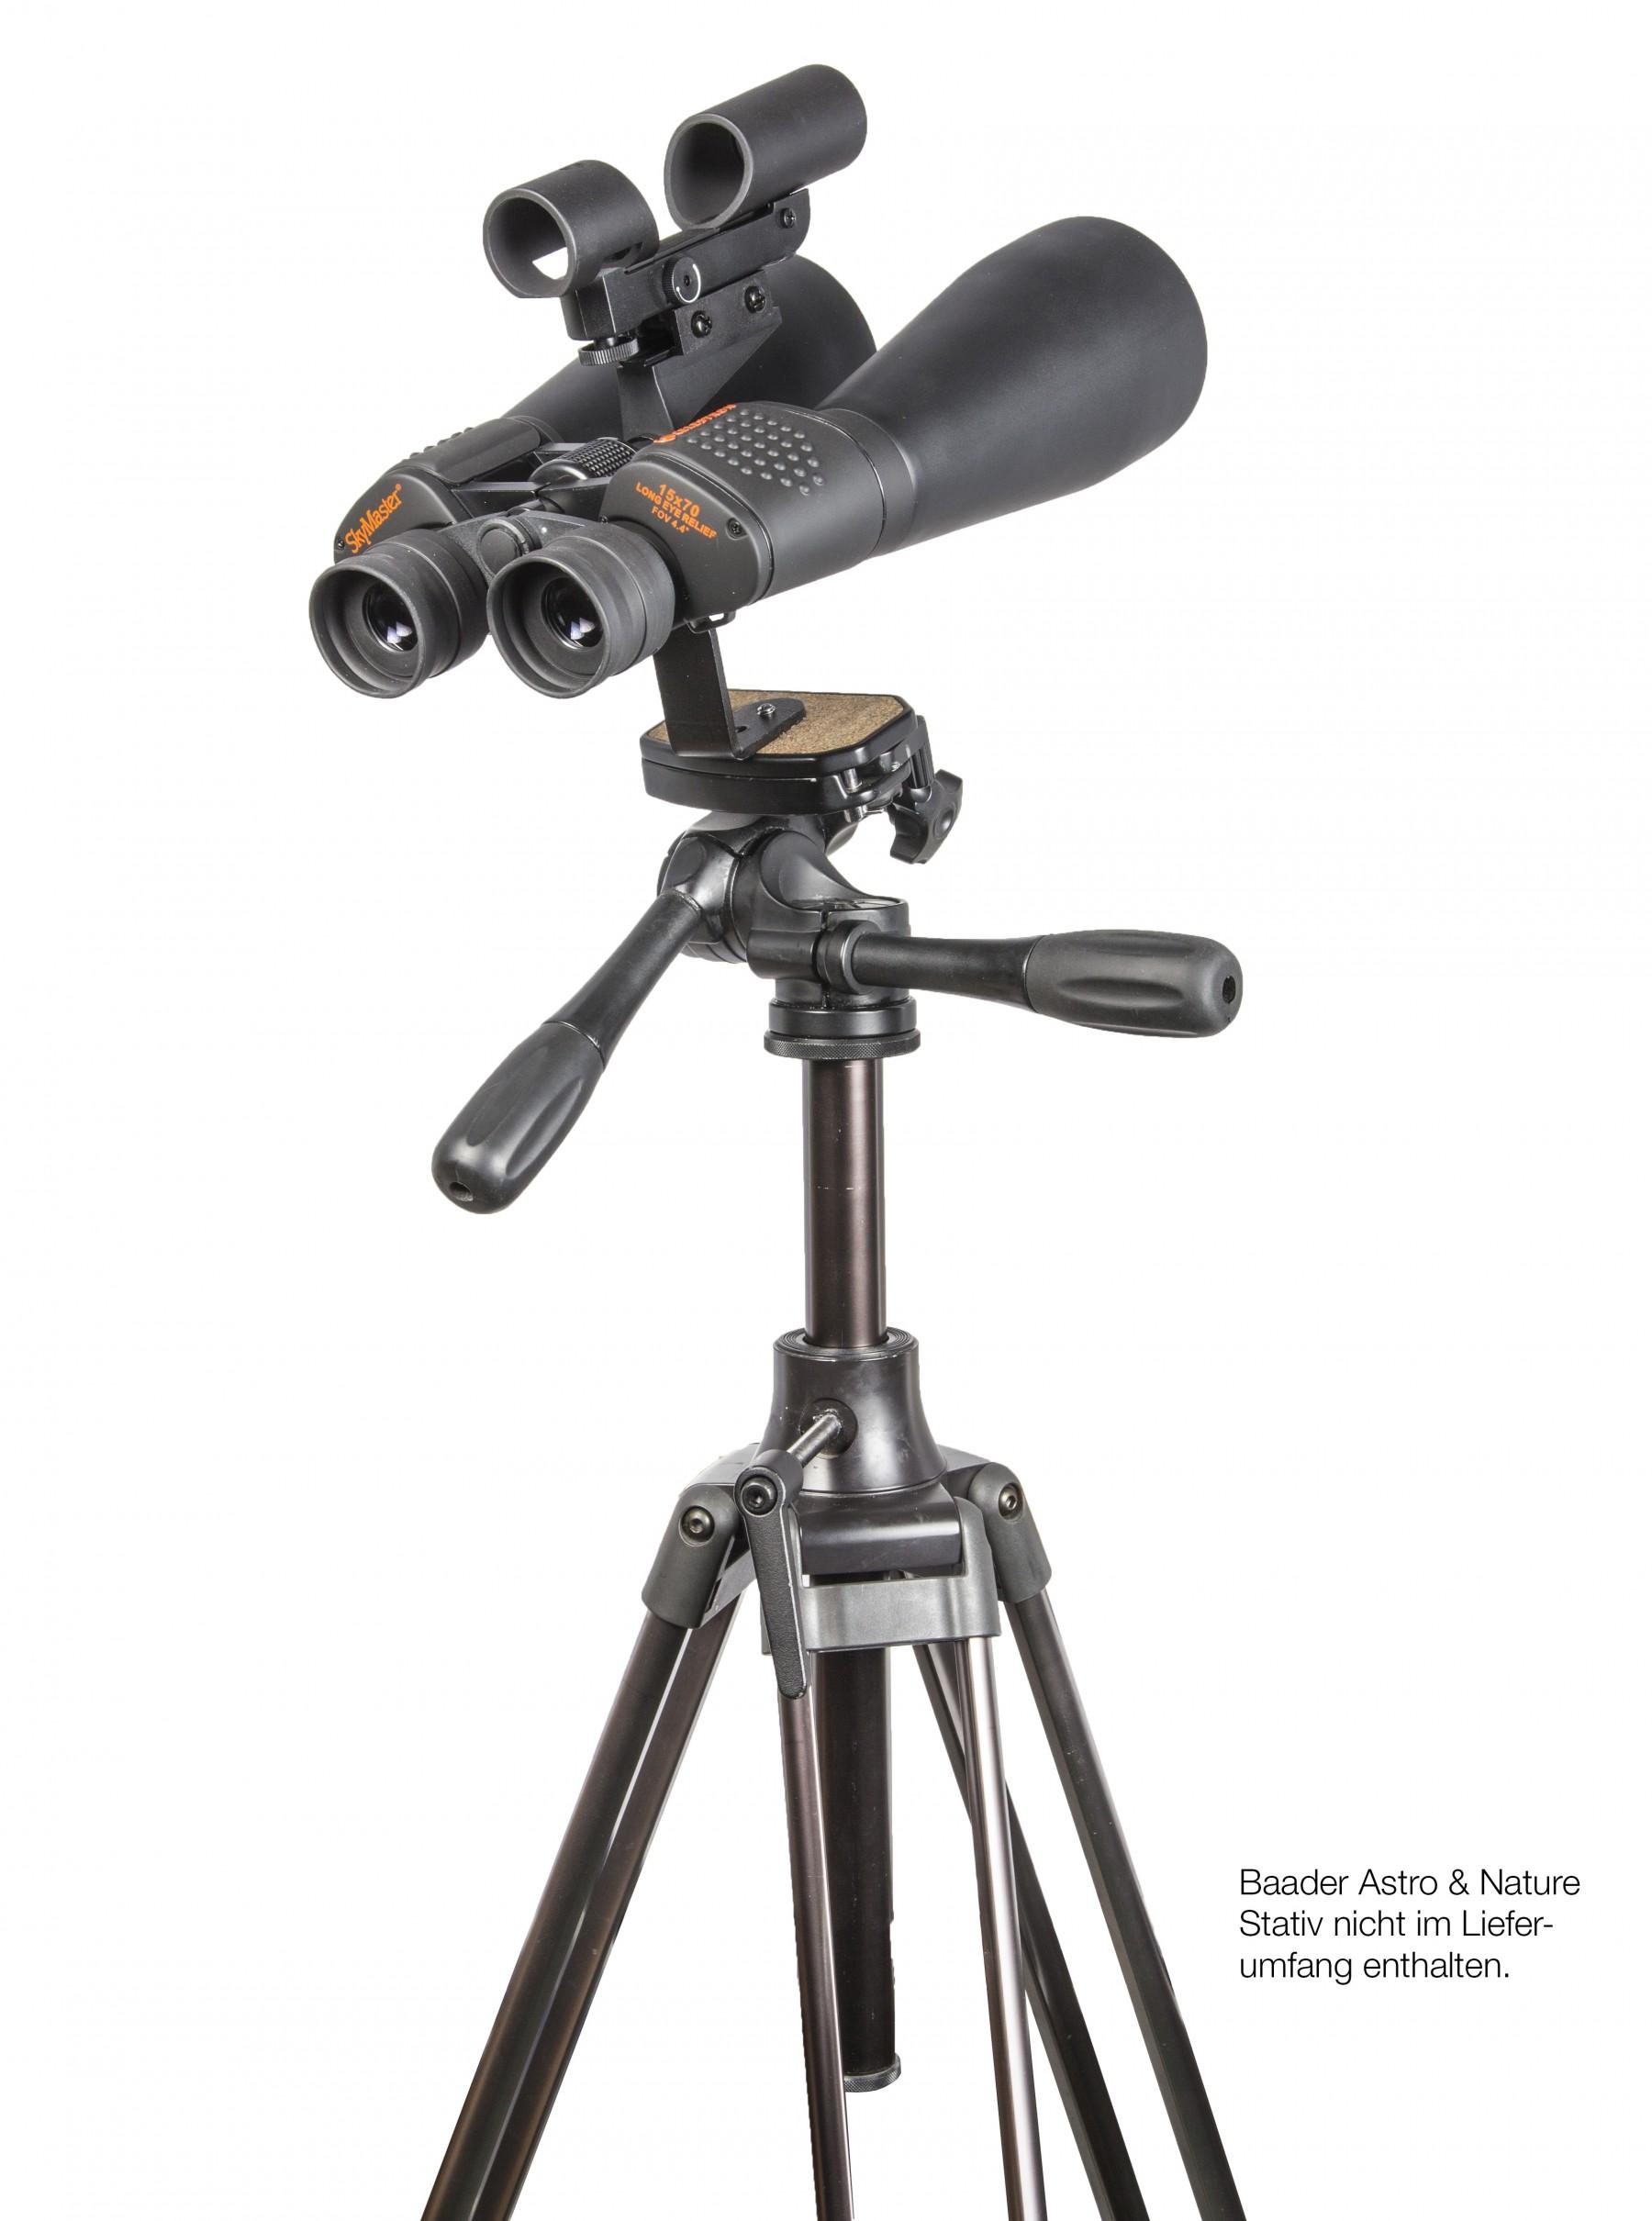 Anwendungsbild mit Baader SkySurfer III Leuchtpunktsucher (#2957300), Celestron SkyMaster 15x70 (#821430) und Baader Astro&Nature Stativ (#2451020)